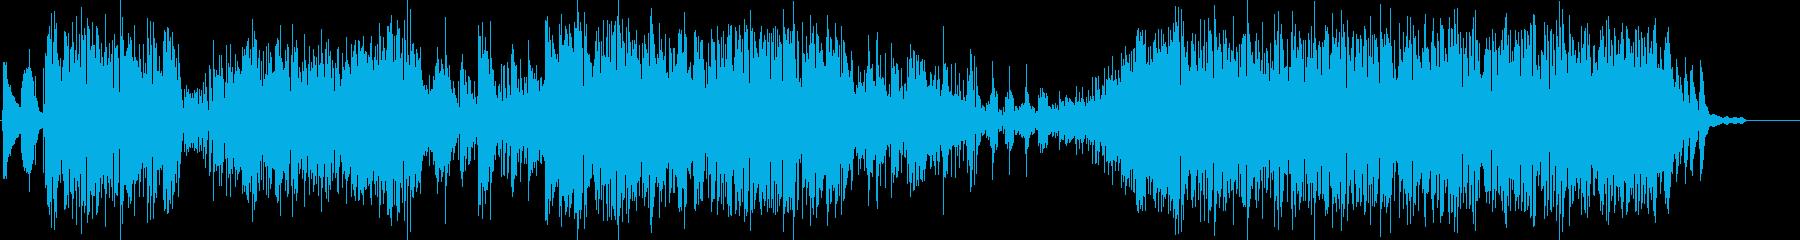 疾走感あるメインテーマ風ピアノインストの再生済みの波形